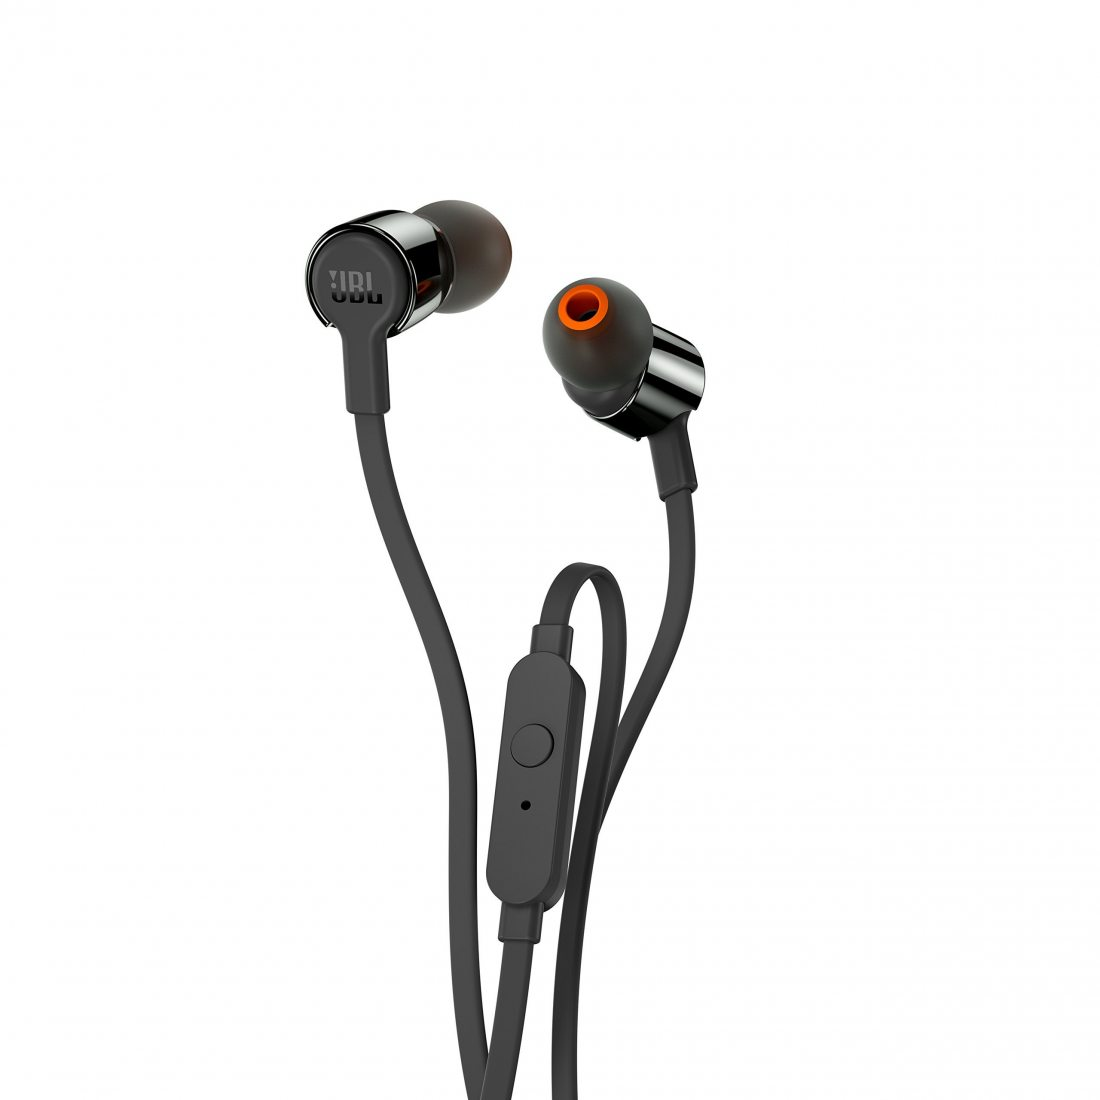 JBL T210 Ecouteurs intra-auriculaires avec Bouton de Commande/Microphone Noir